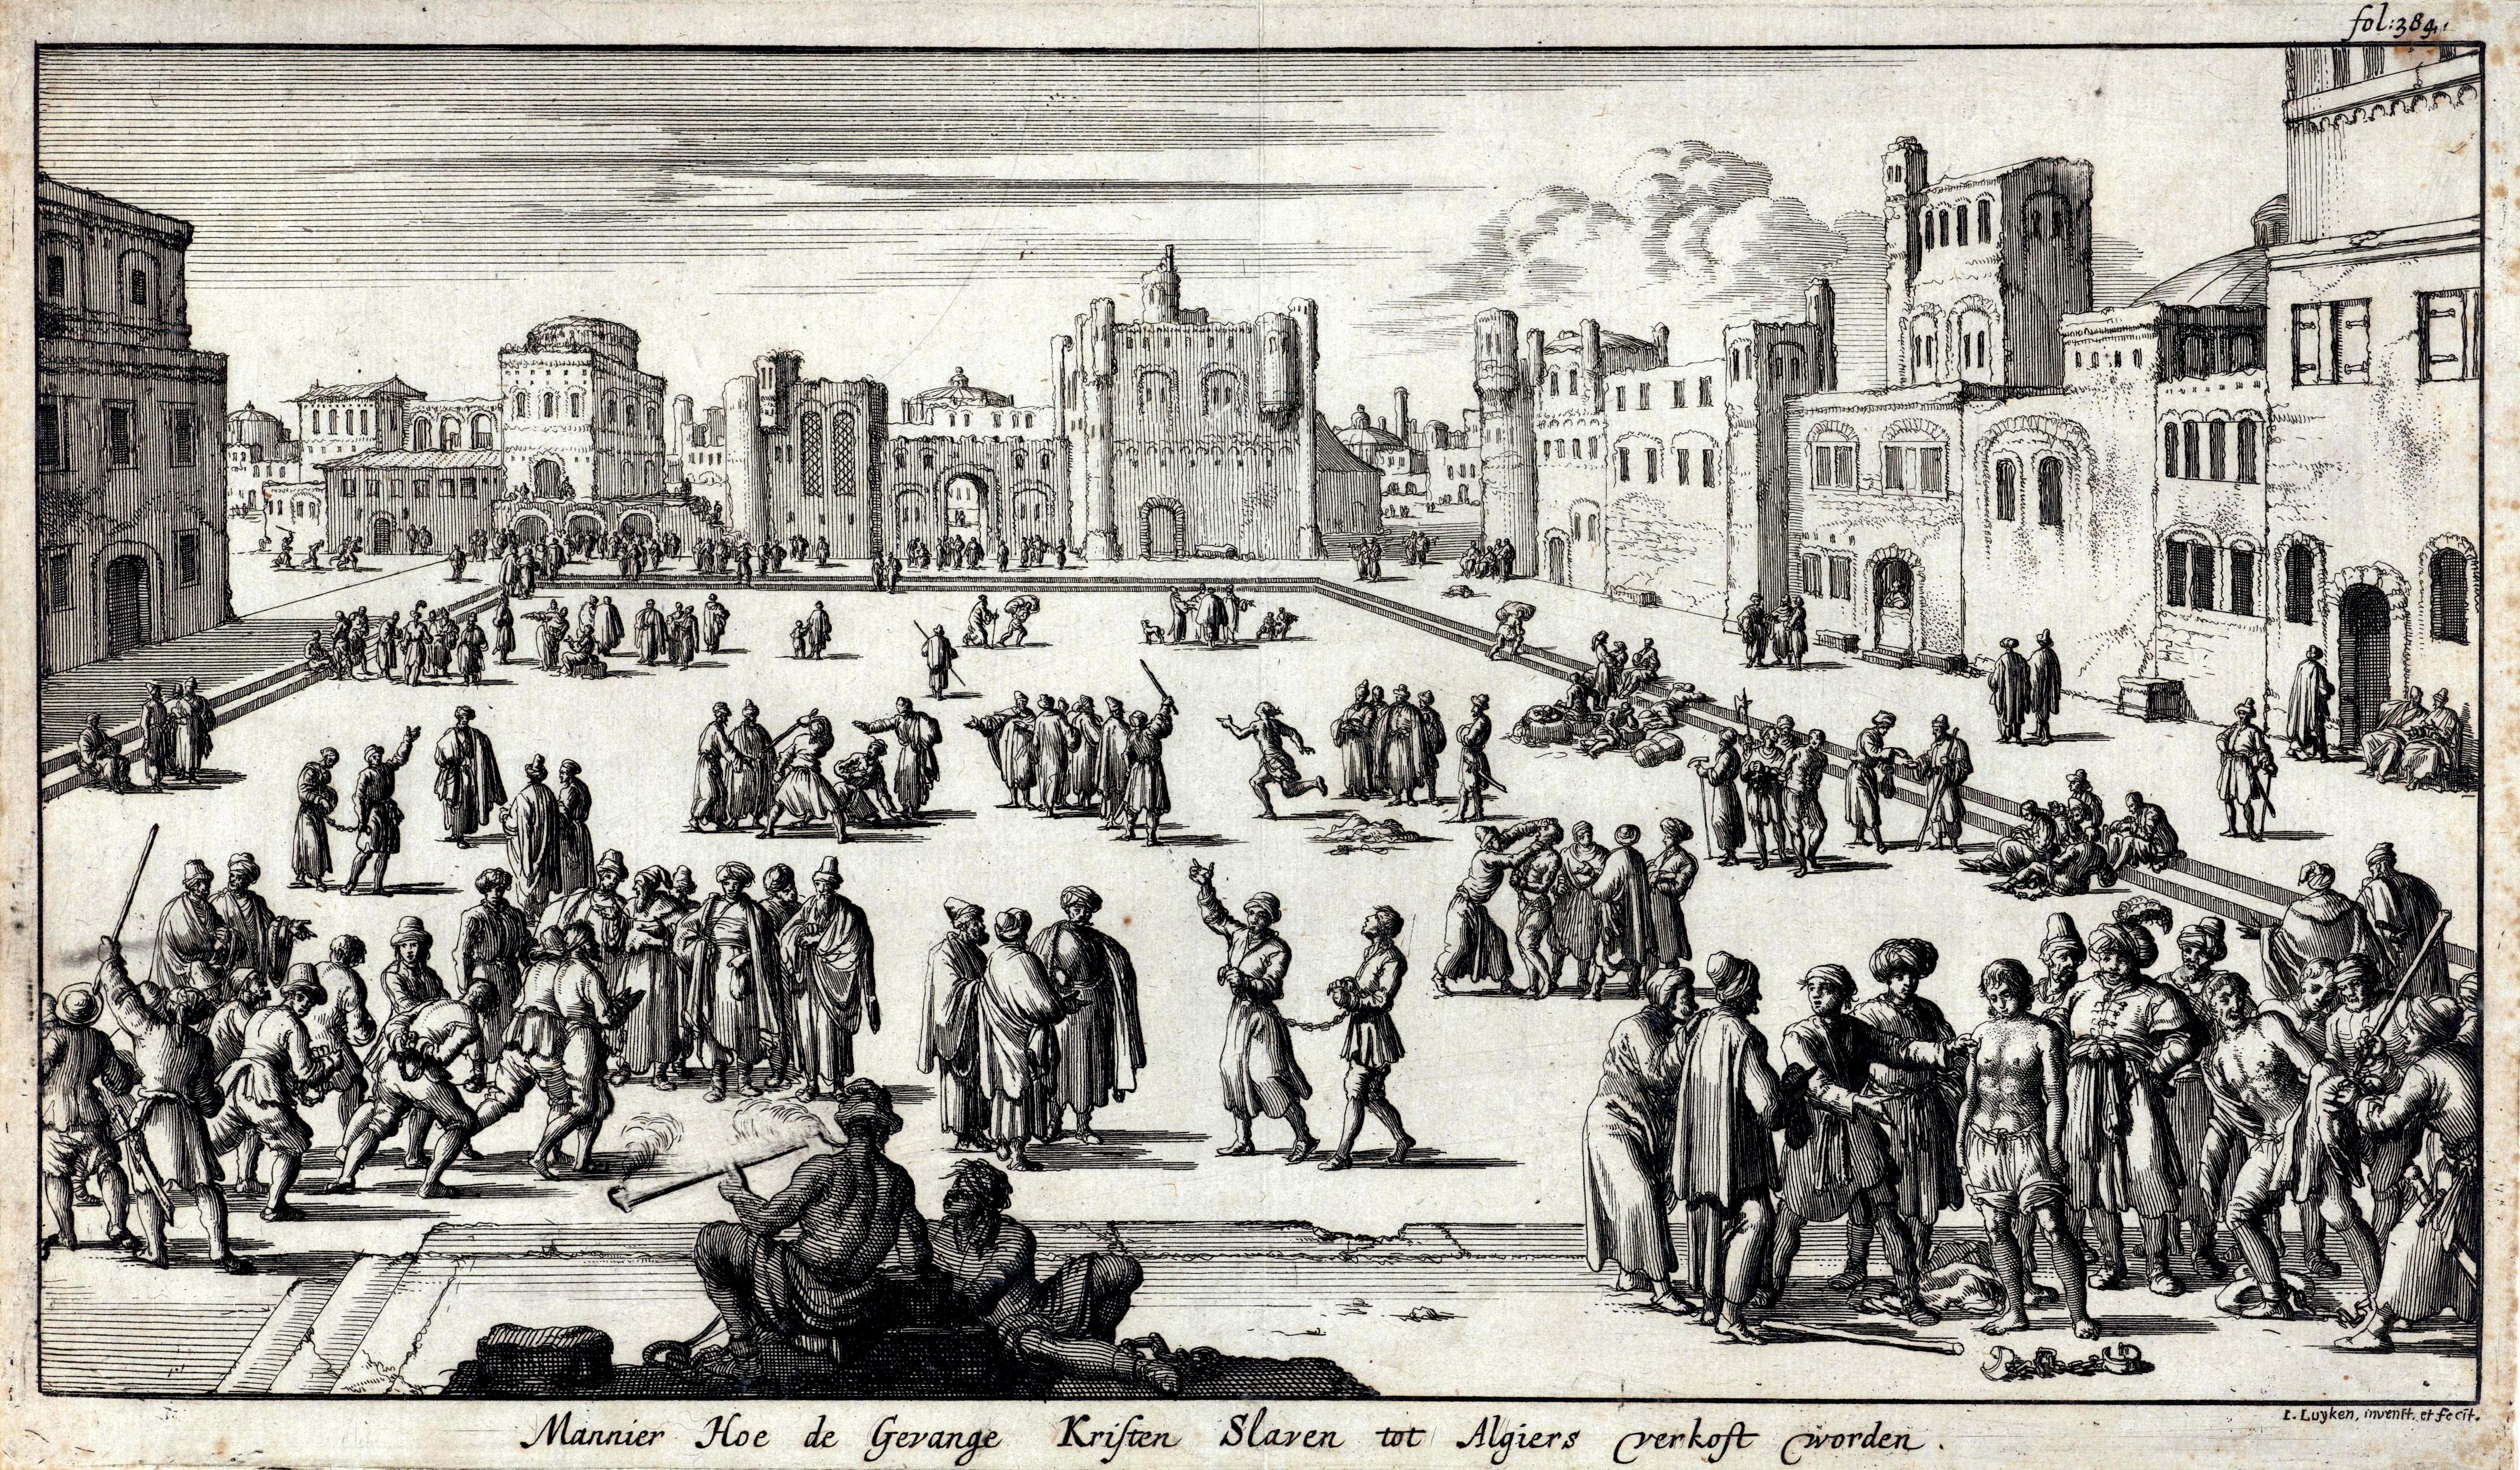 Marche_aux_esclaves_d_alger_gravure dans Histoire